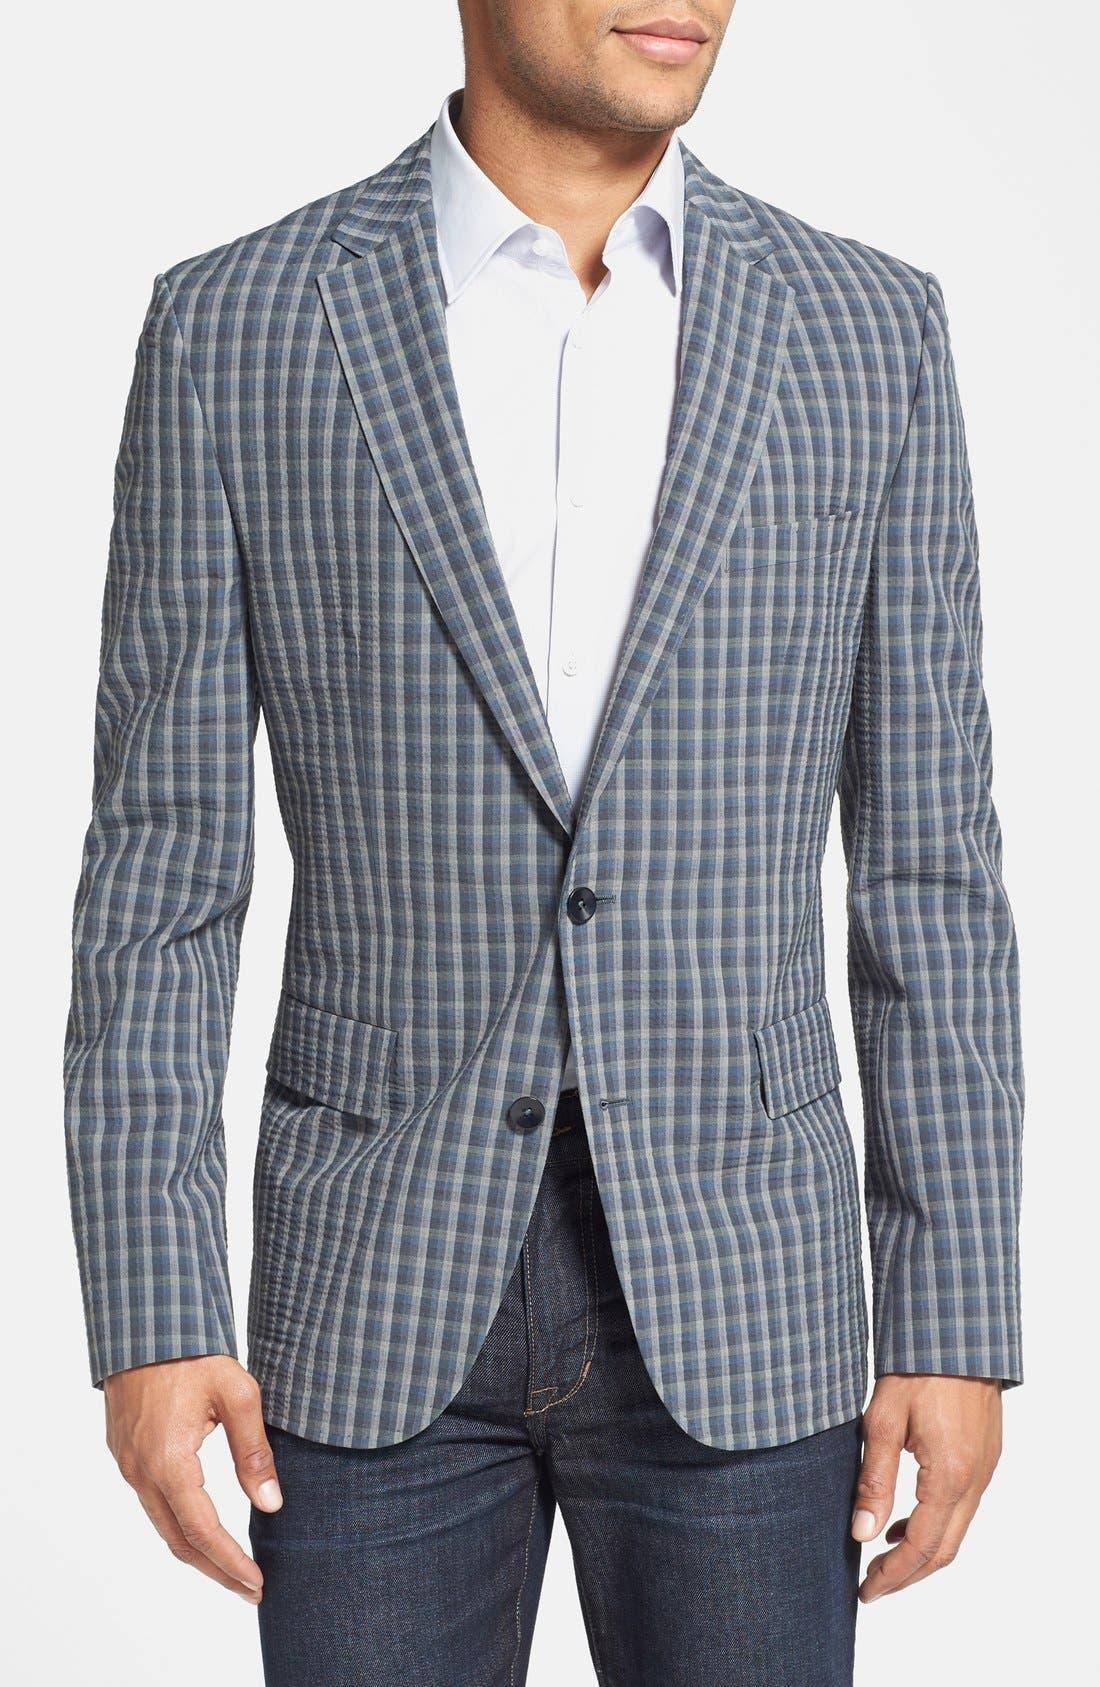 Main Image - BOSS HUGO BOSS 'Noris' Trim Fit Plaid Sport Coat